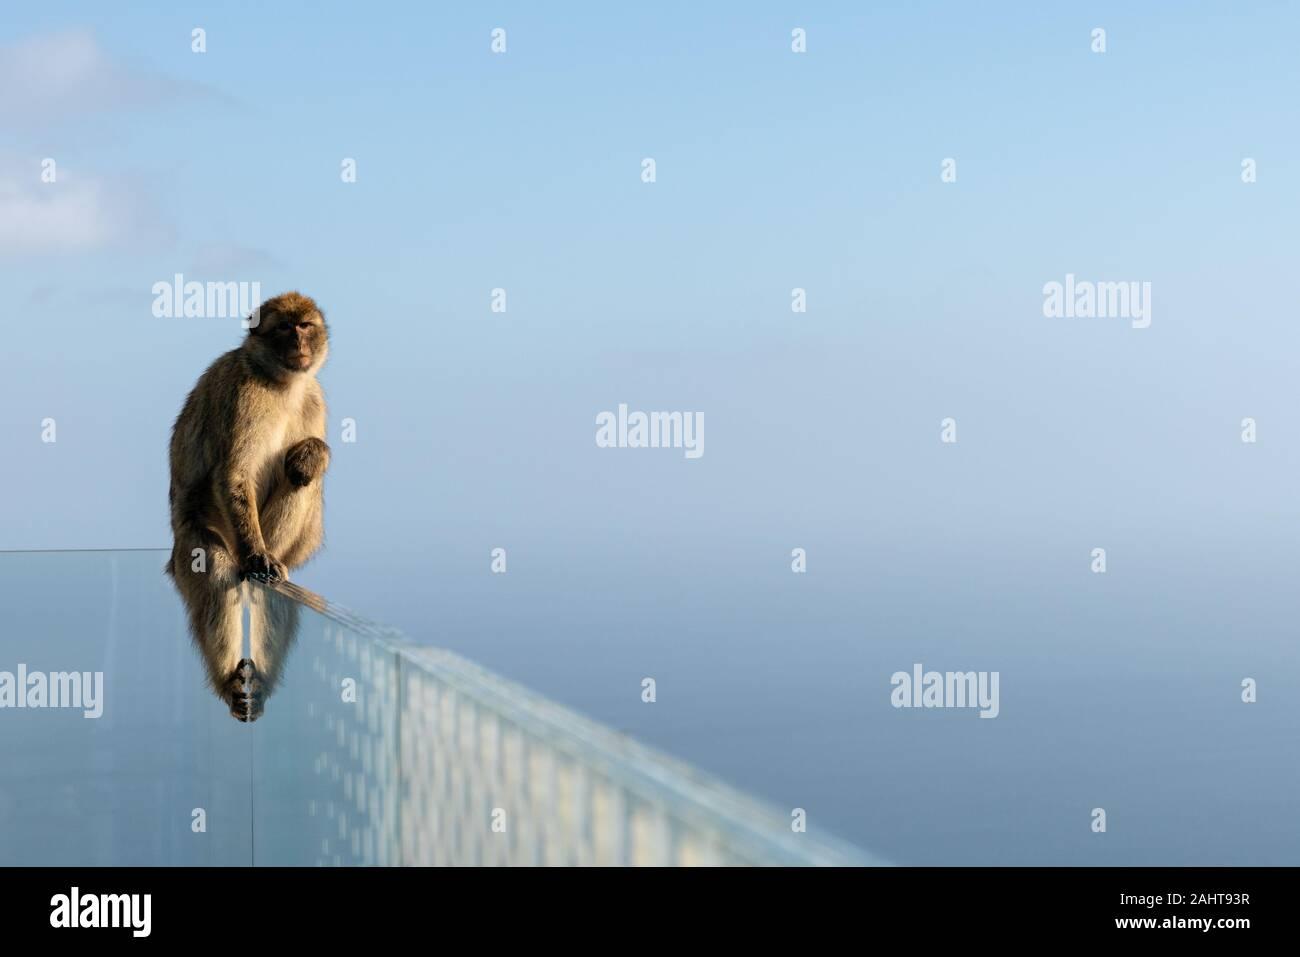 Un macaque de Barbarie se trouve sur le bord de l'une passerelle avec la vue à la mer. Les seuls singes sauvages en Europe, les macaques de Barbarie à Gibraltar, Royaume-Uni. Banque D'Images